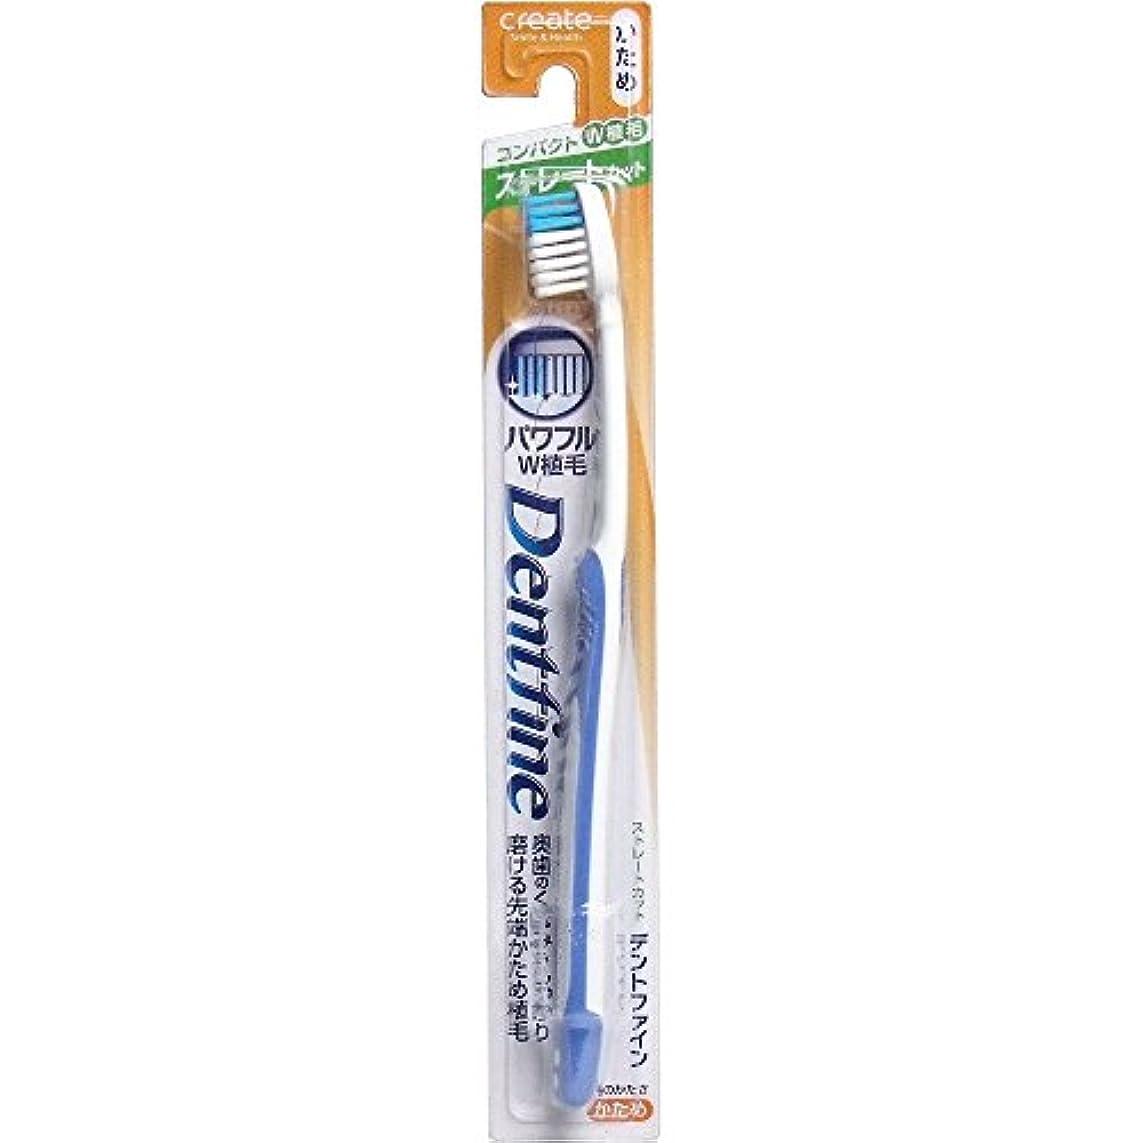 魚剥離スティックデントファイン ラバーグリップ ストレートカット 歯ブラシ かため 1本:ブルー